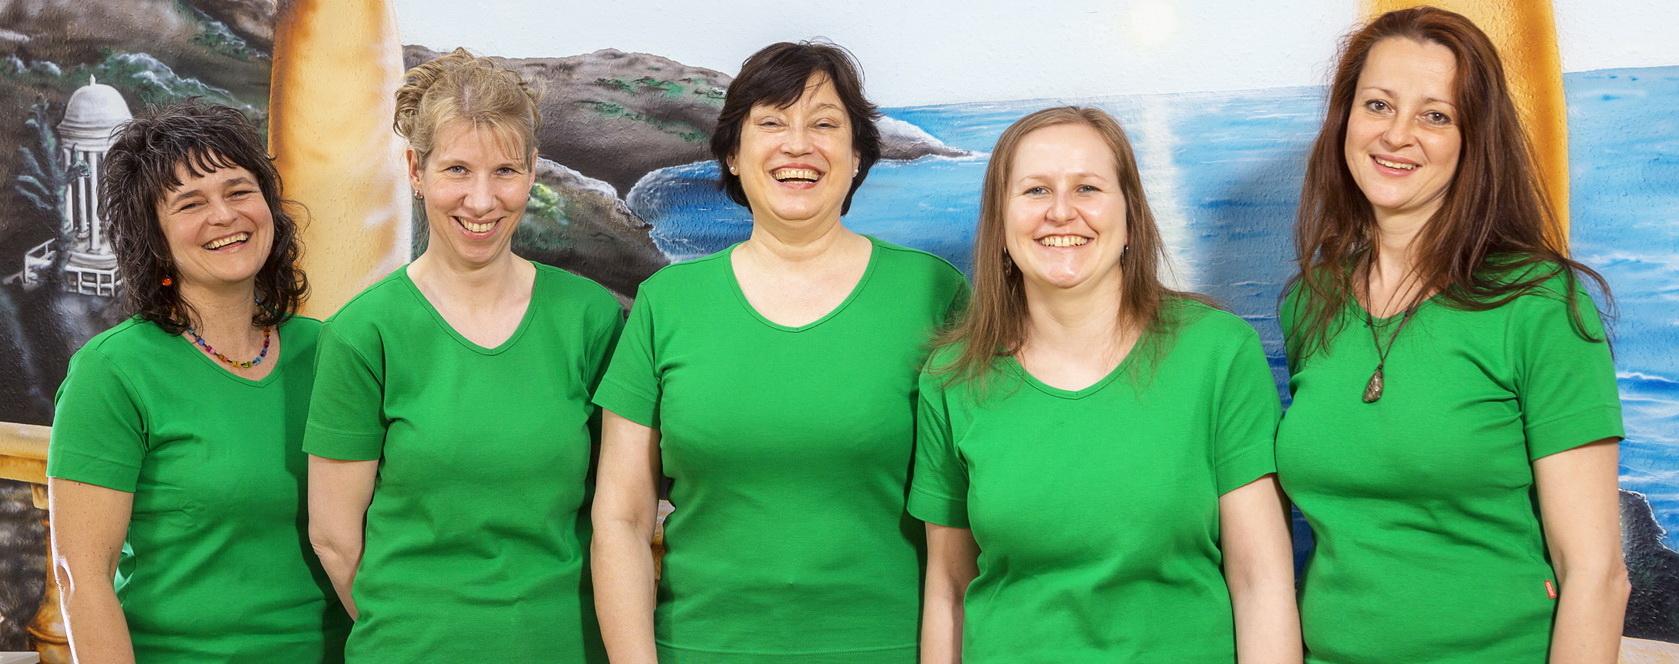 Zahnärztin Dr. Sabine Rulc - Team